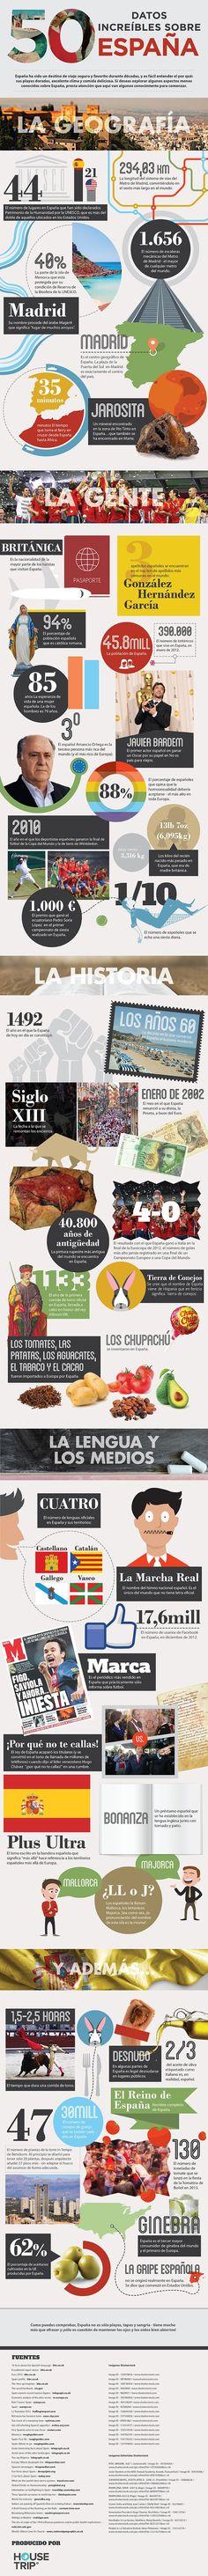 Datos sobre Espana